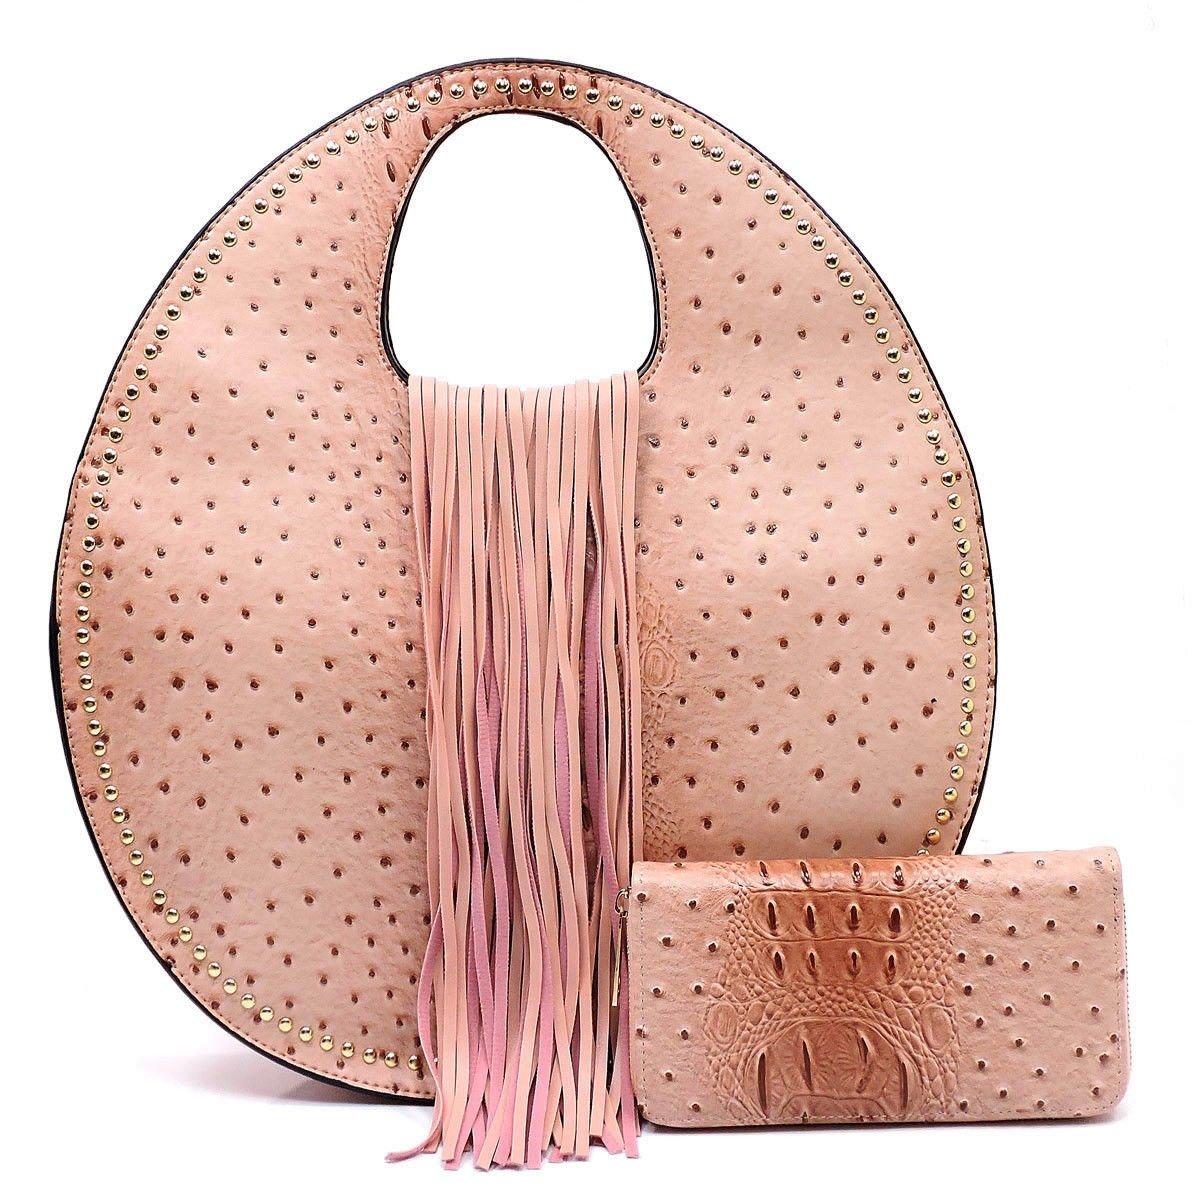 Handbag Republic Ostrich Embossed Round Satchel w Strap + Wallet bluesh